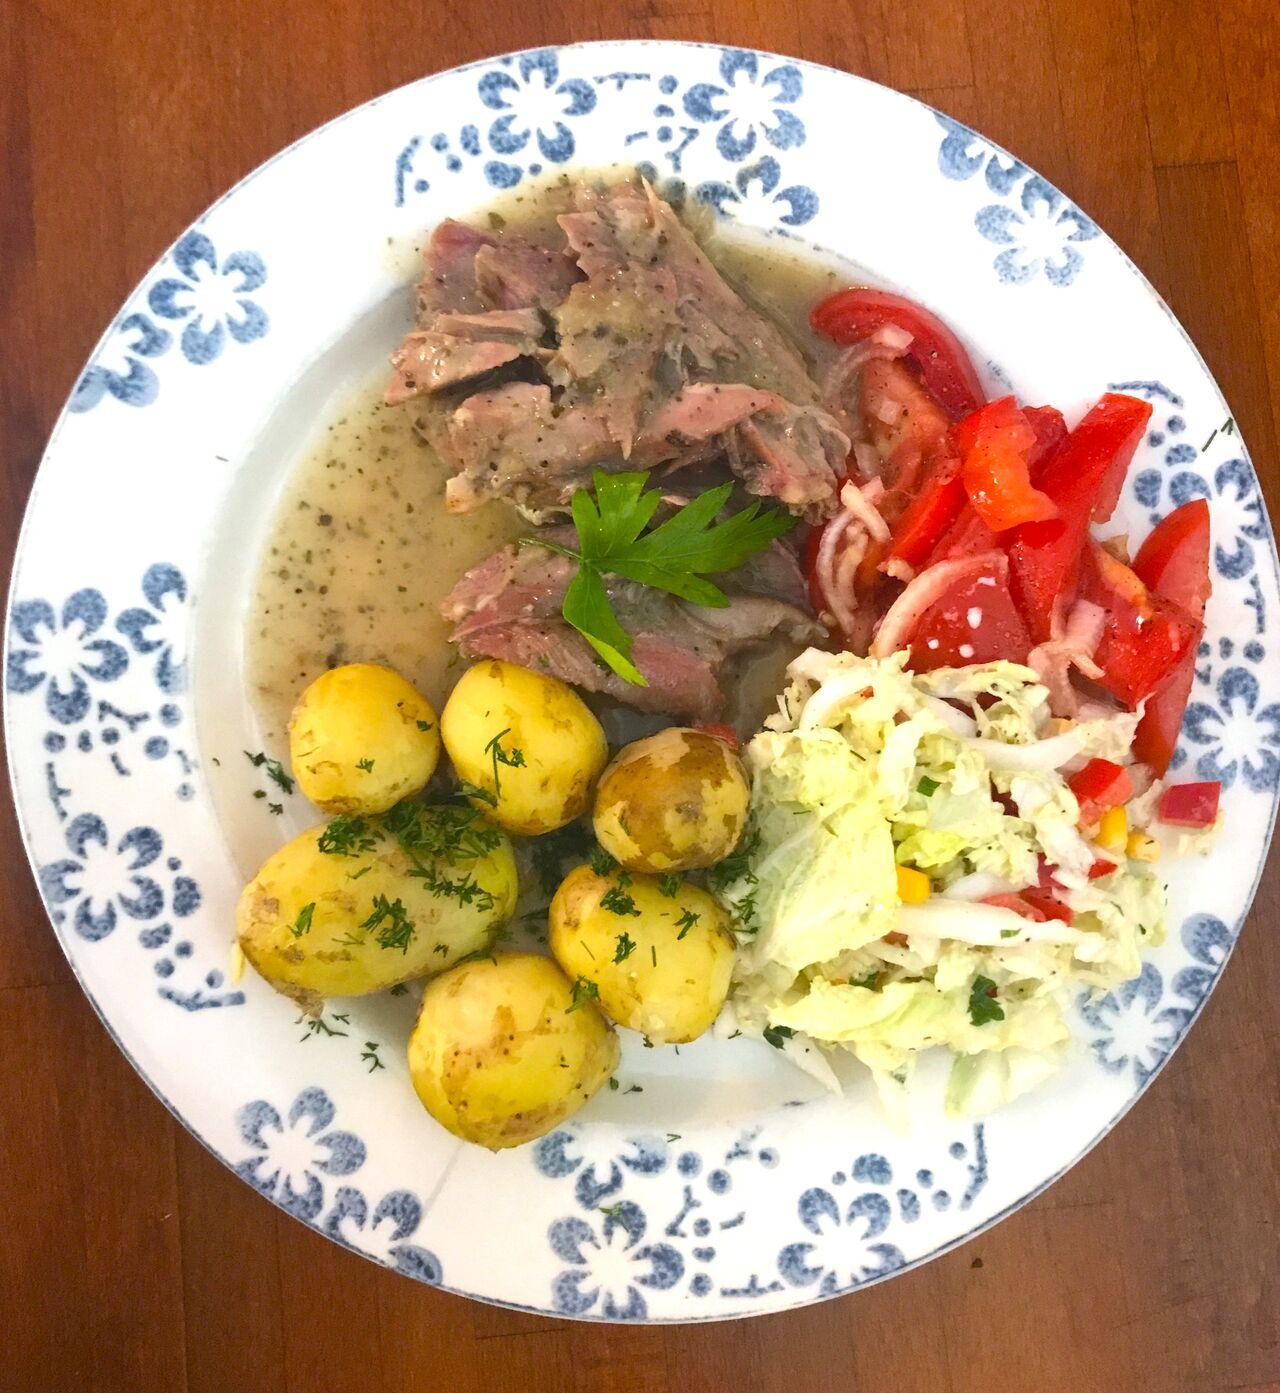 Danie lunchowe - udziec z indyka duszony, z młodymi kartoflami